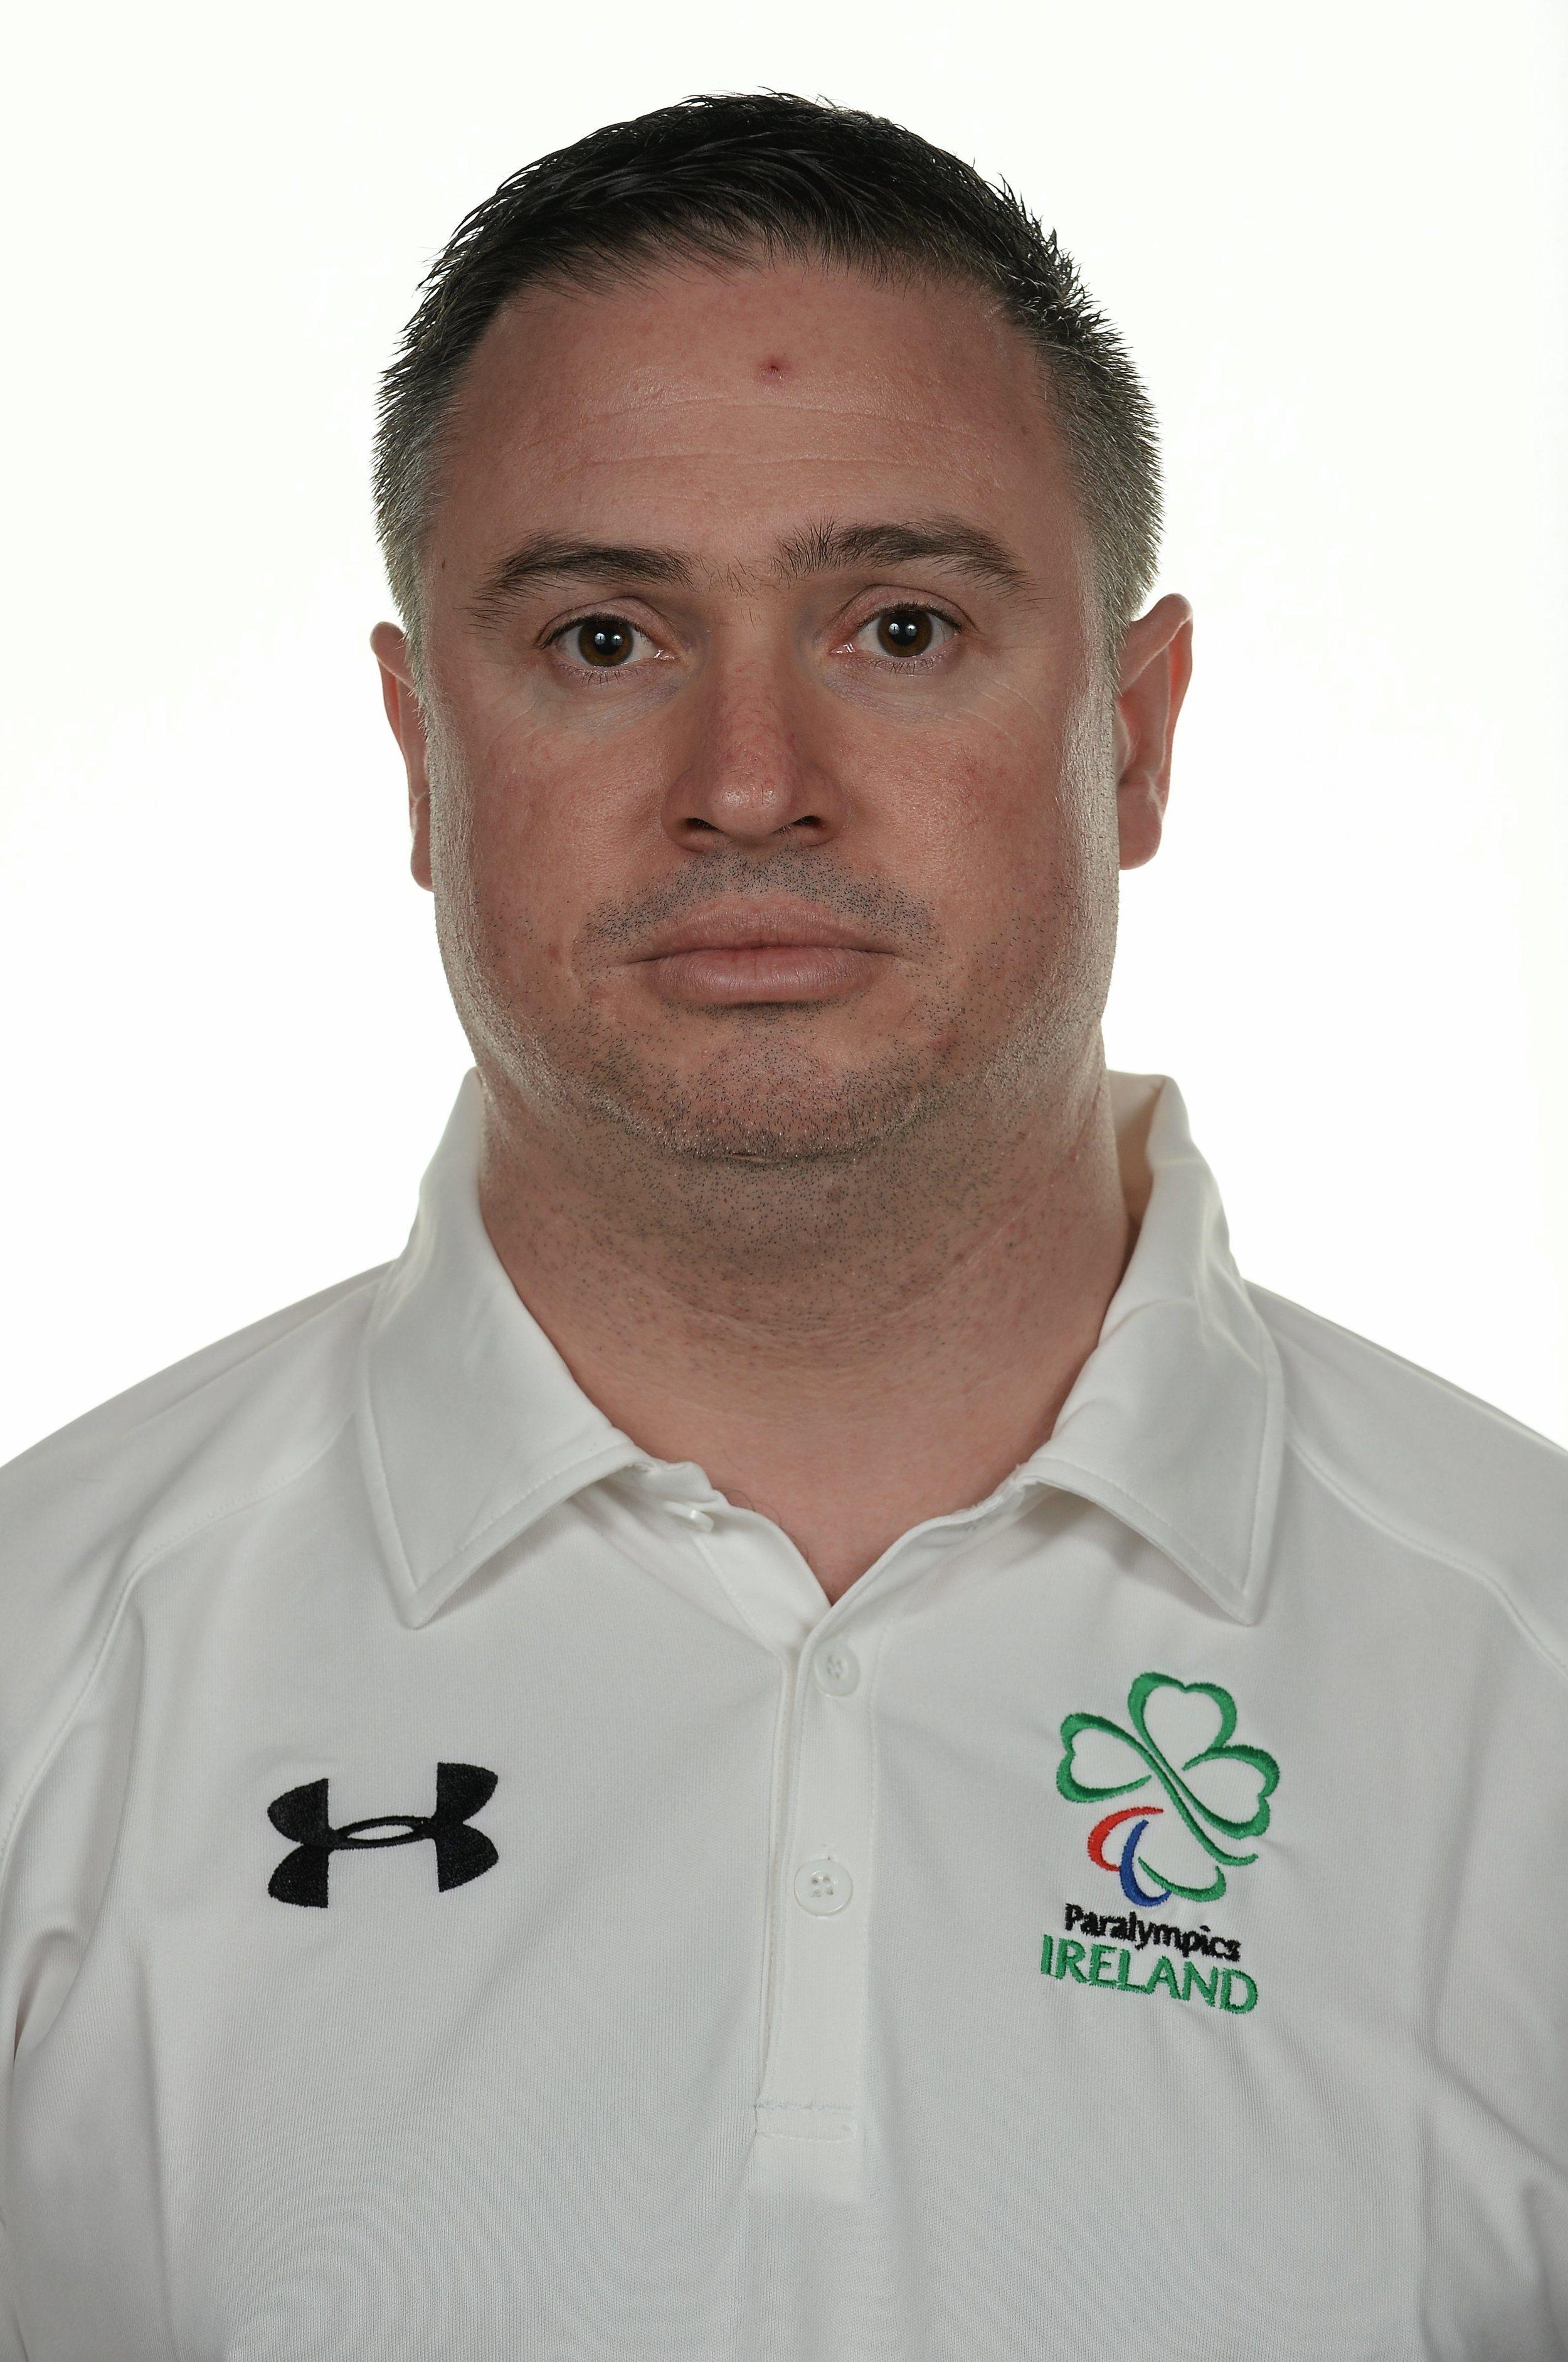 David Malone